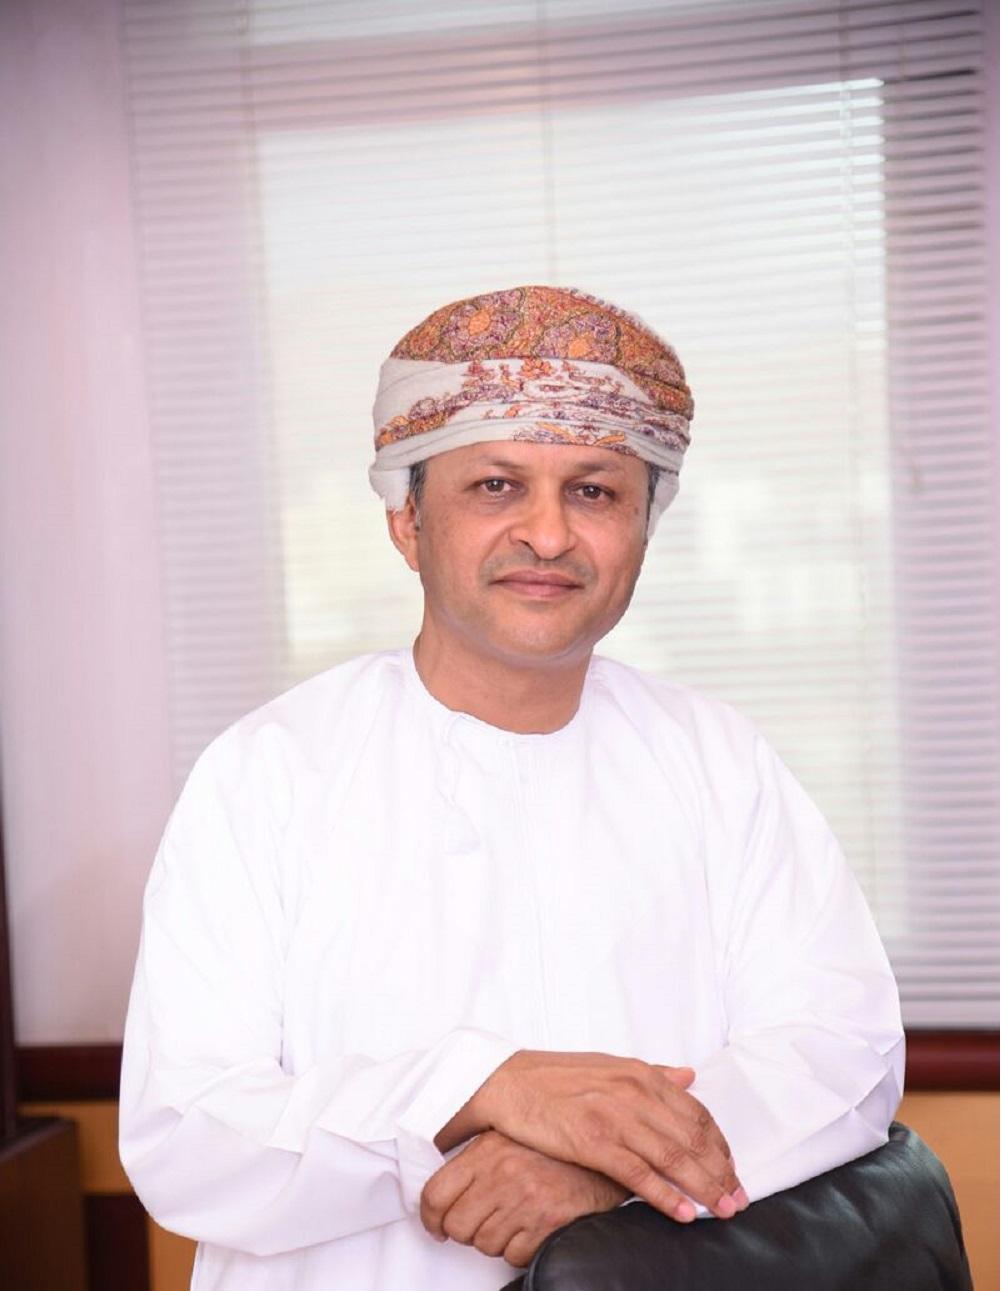 الرئيس التنفيذي لبنك ظفار:نسعى لأن نكون أفضل بنك في الخليج وهذه الخارطة